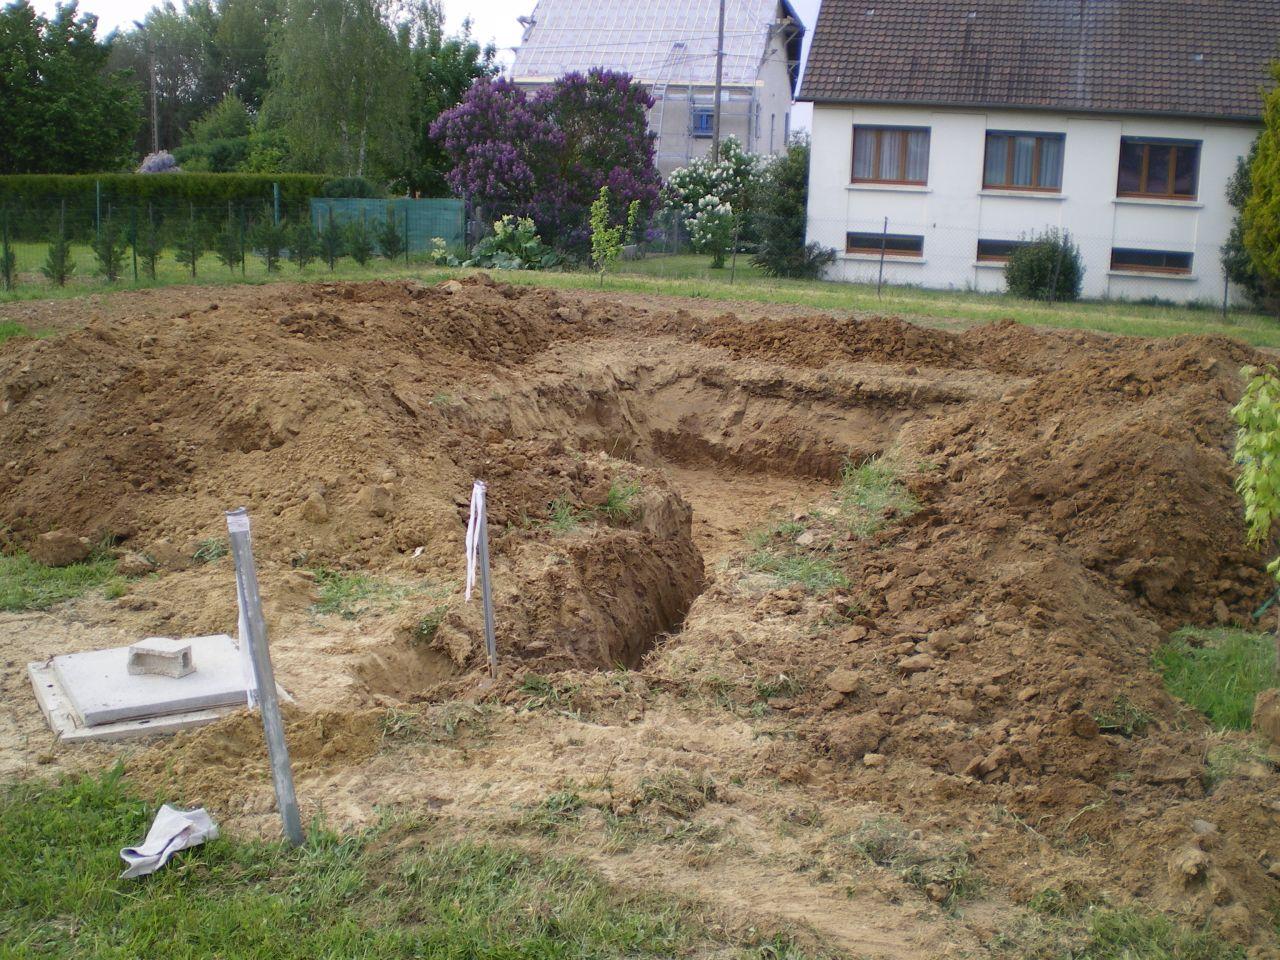 La cuve et le terrassement ou sera installé les drains servant au trop plein.